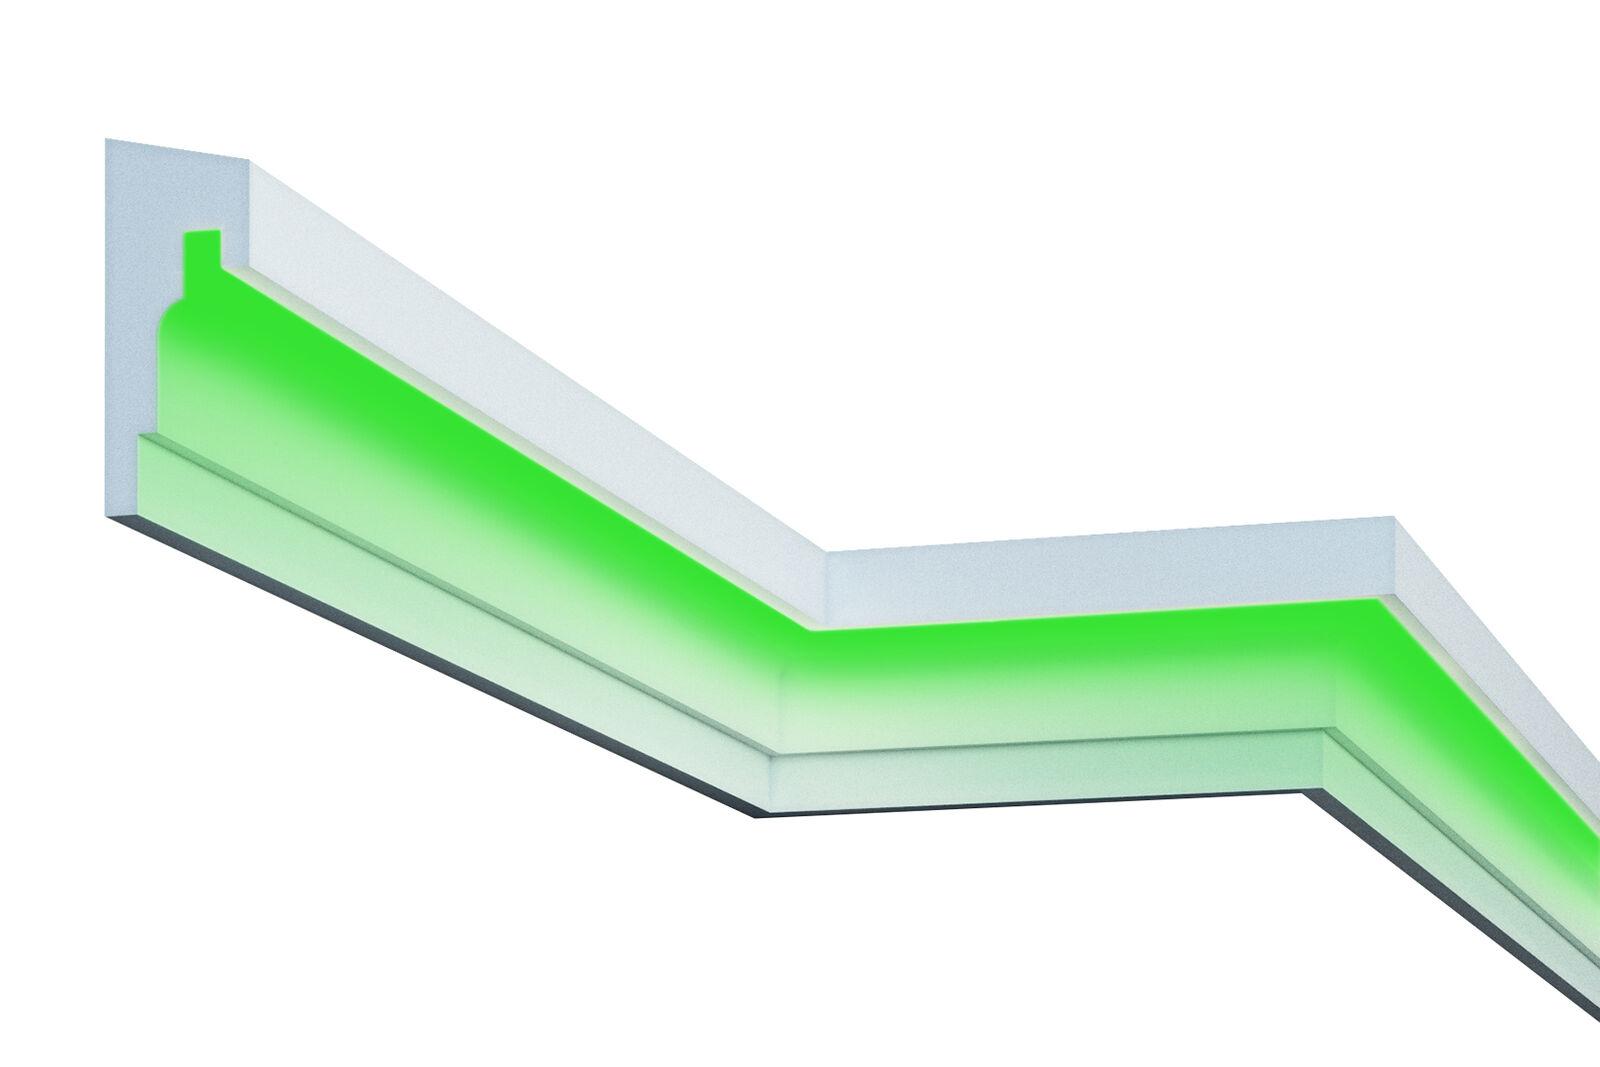 10 Metros LED Molduras para Fachada Iluminación Indirecta a prueba de golpes